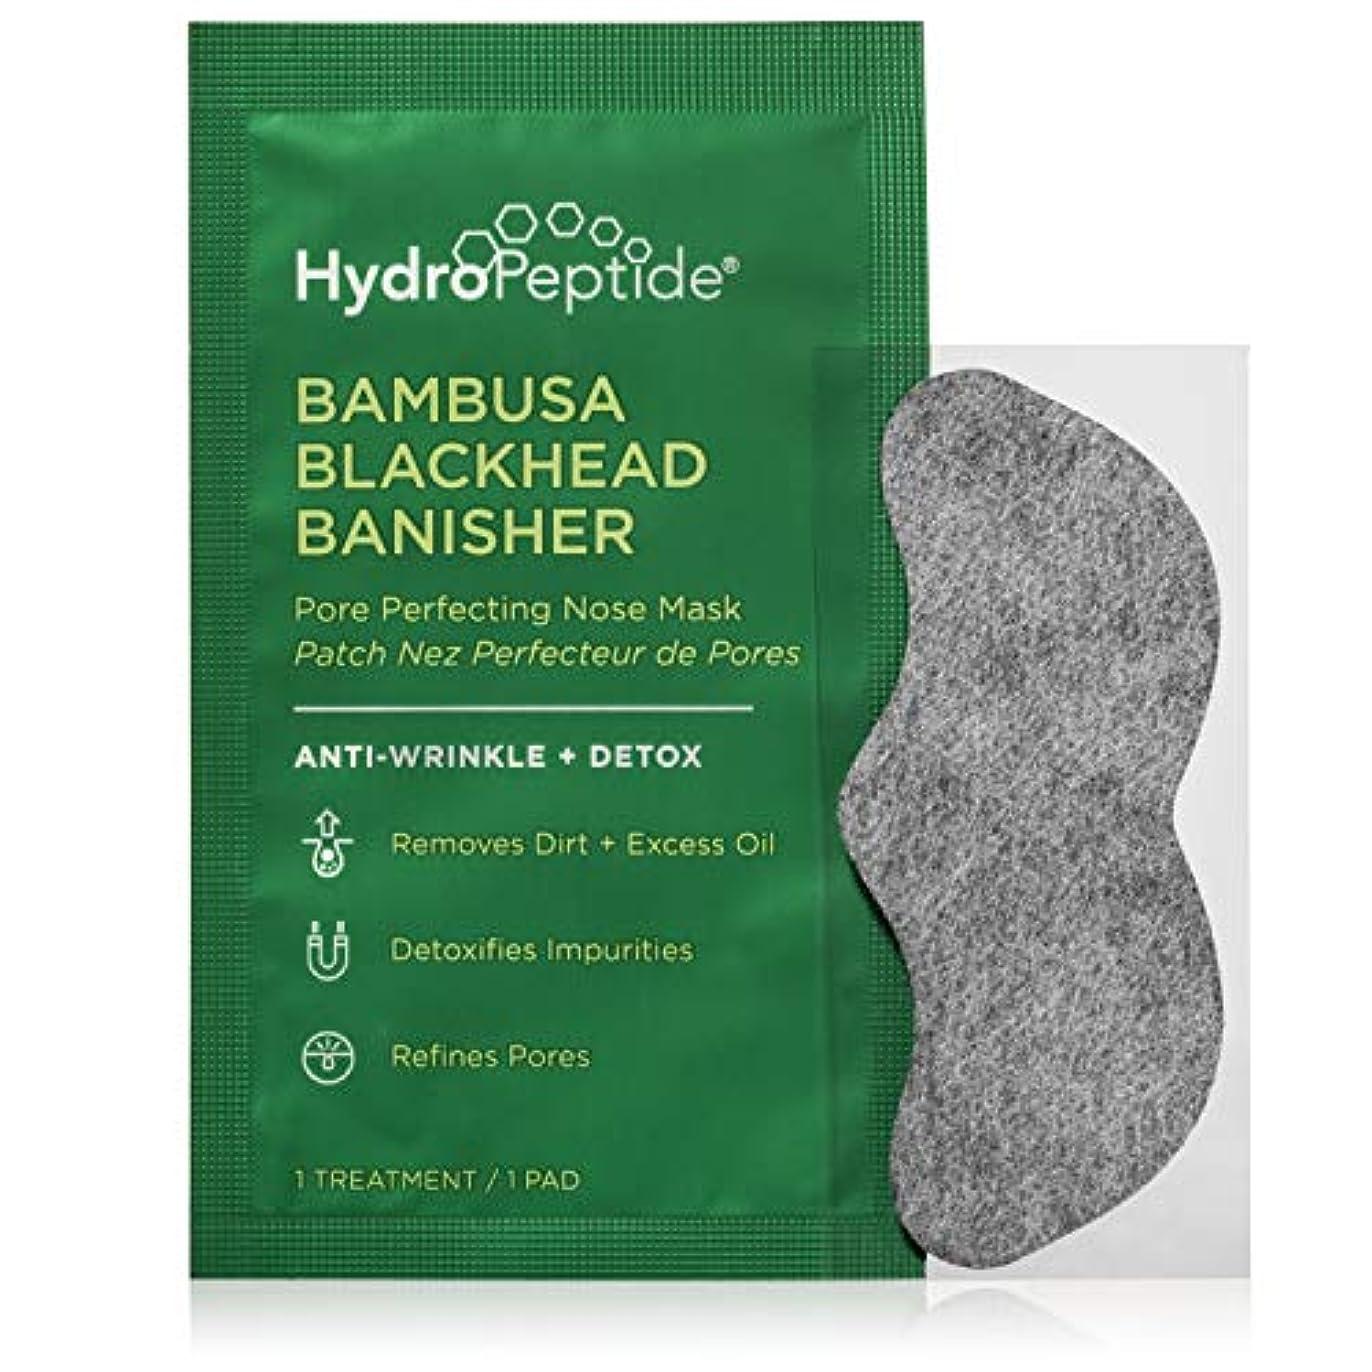 評価子音障害者ハイドロペプチド Bambusa Blackhead Banisher Pore Perfecting Nose Mask 8sheets並行輸入品